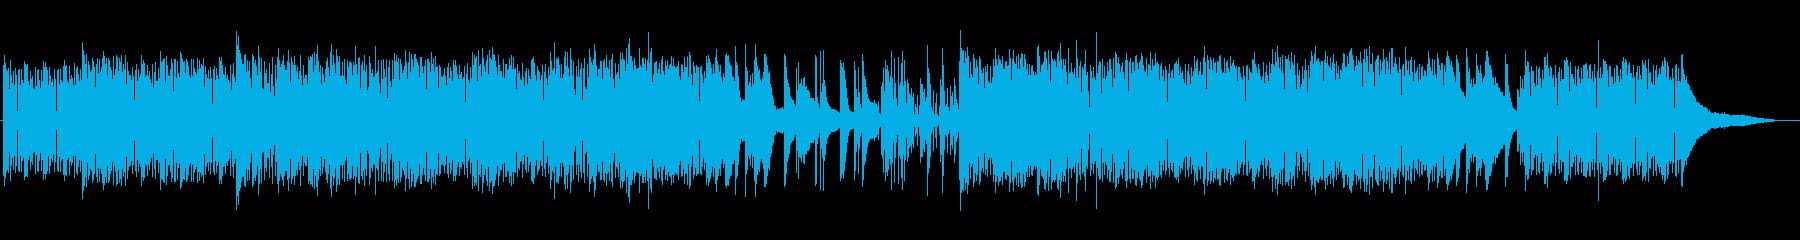 幻想的で妖しいピアノトリオの再生済みの波形